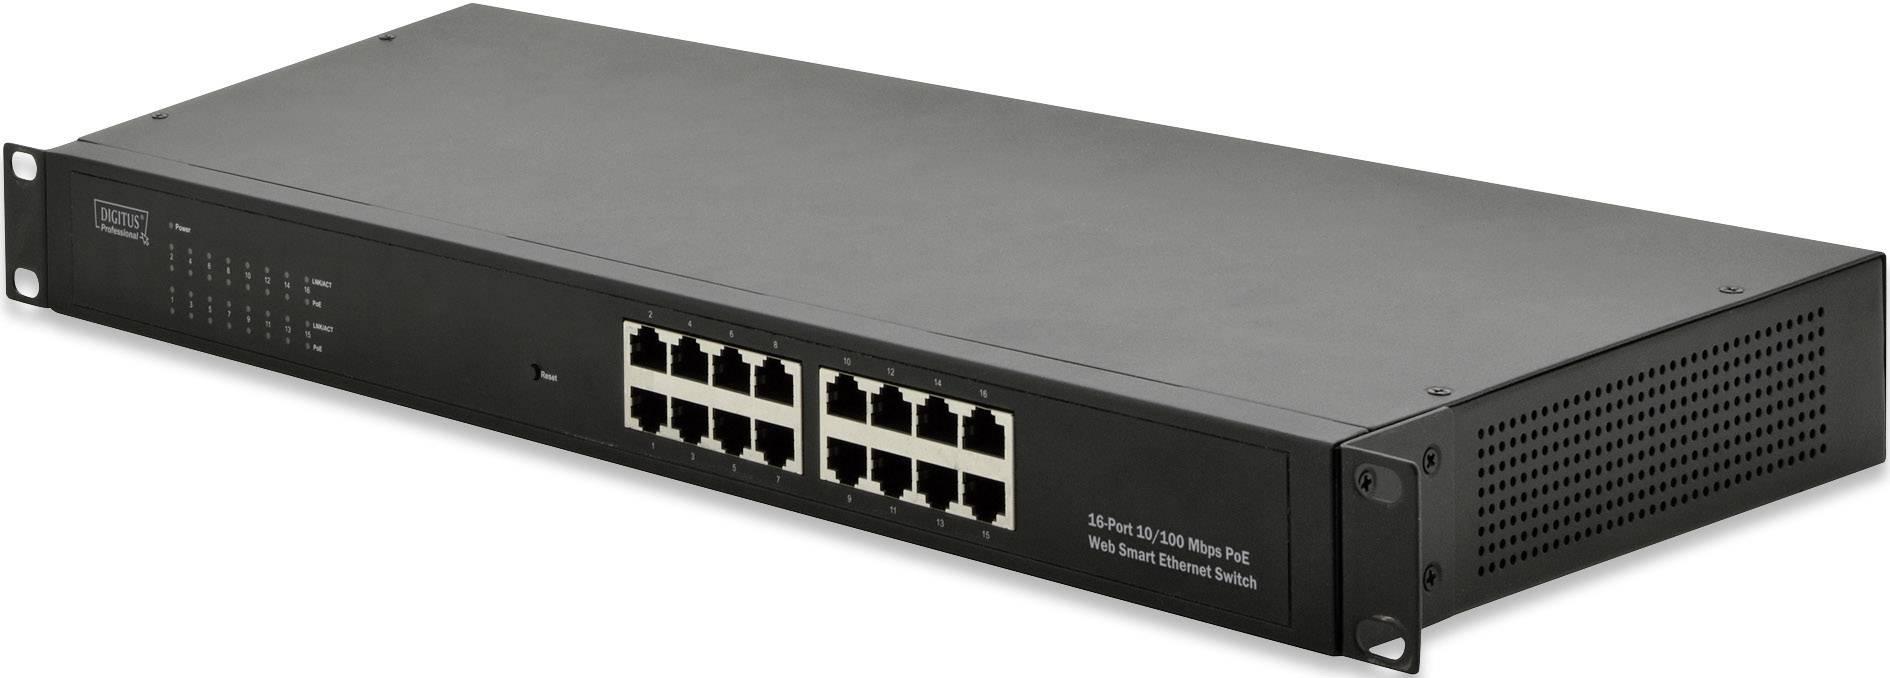 Síťový switch Digitus Professional, 16 portů, 100 Mbit/s, funkce PoE